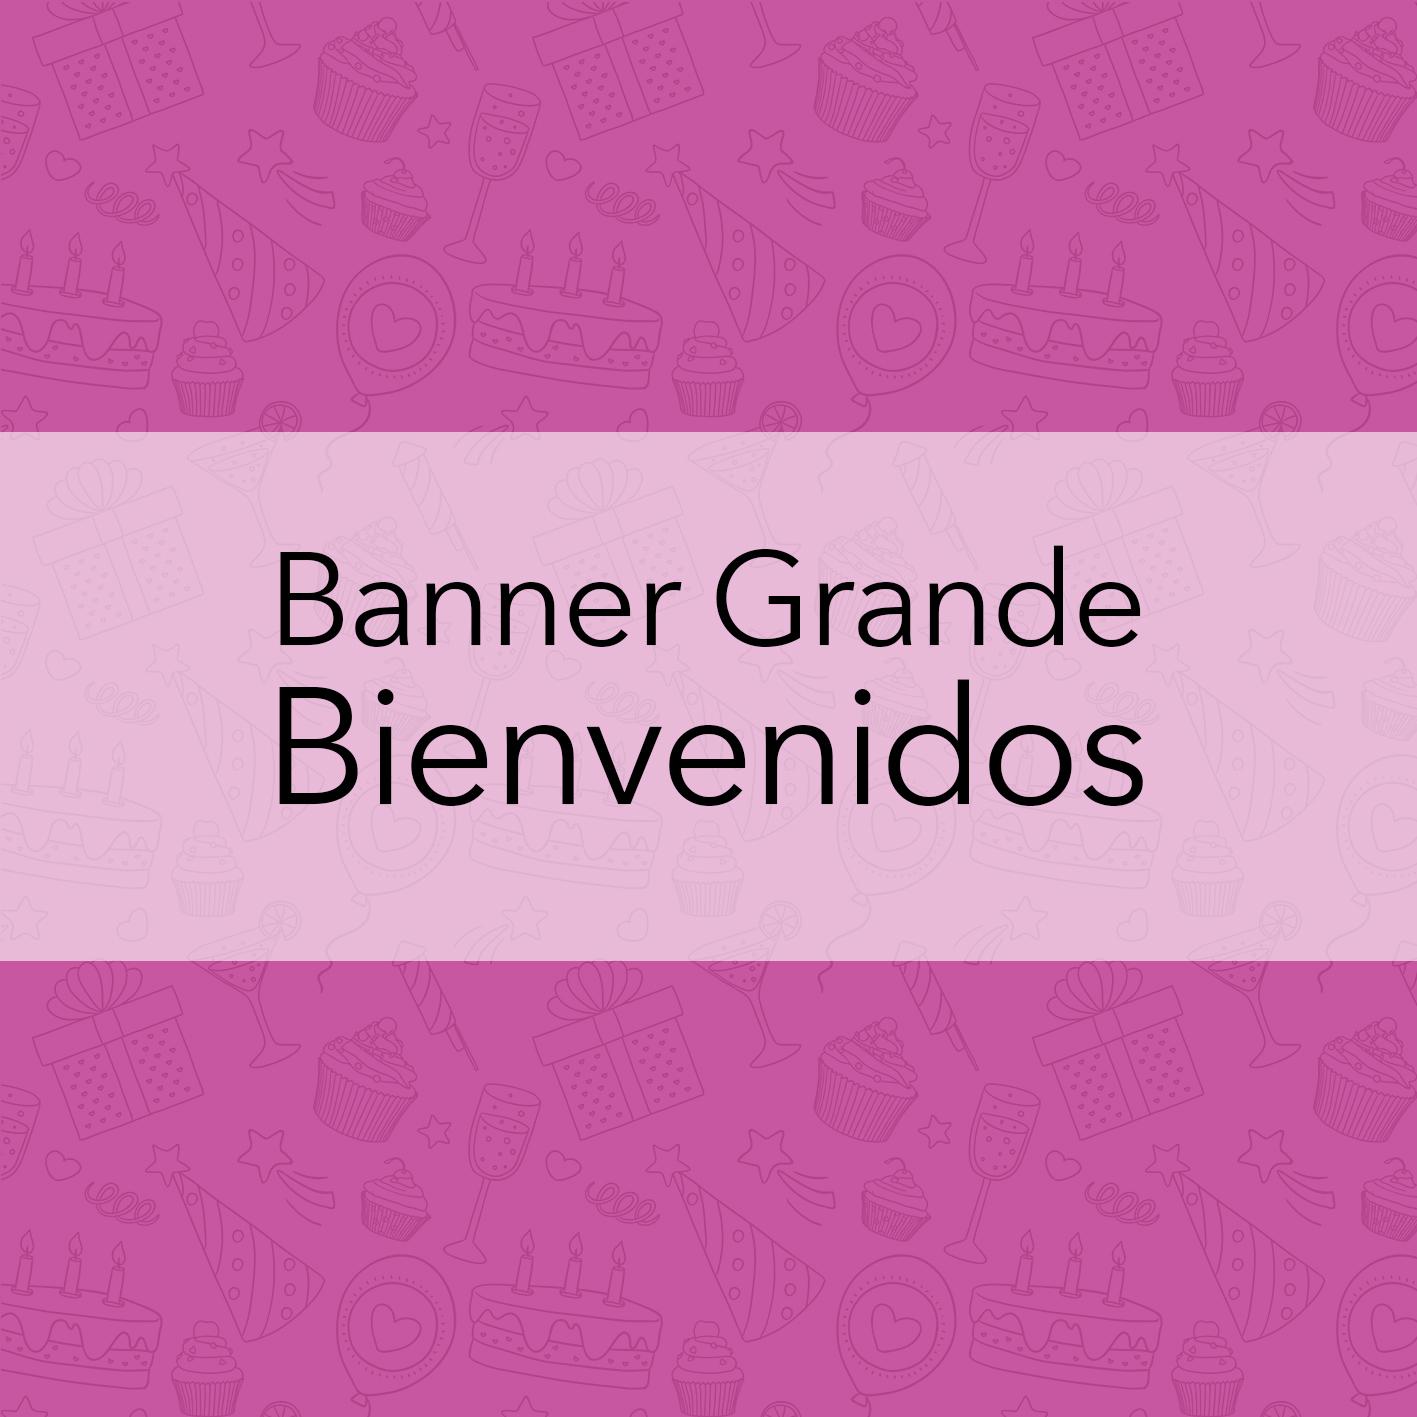 BANNERS GRANDES - BIENVENIDOS